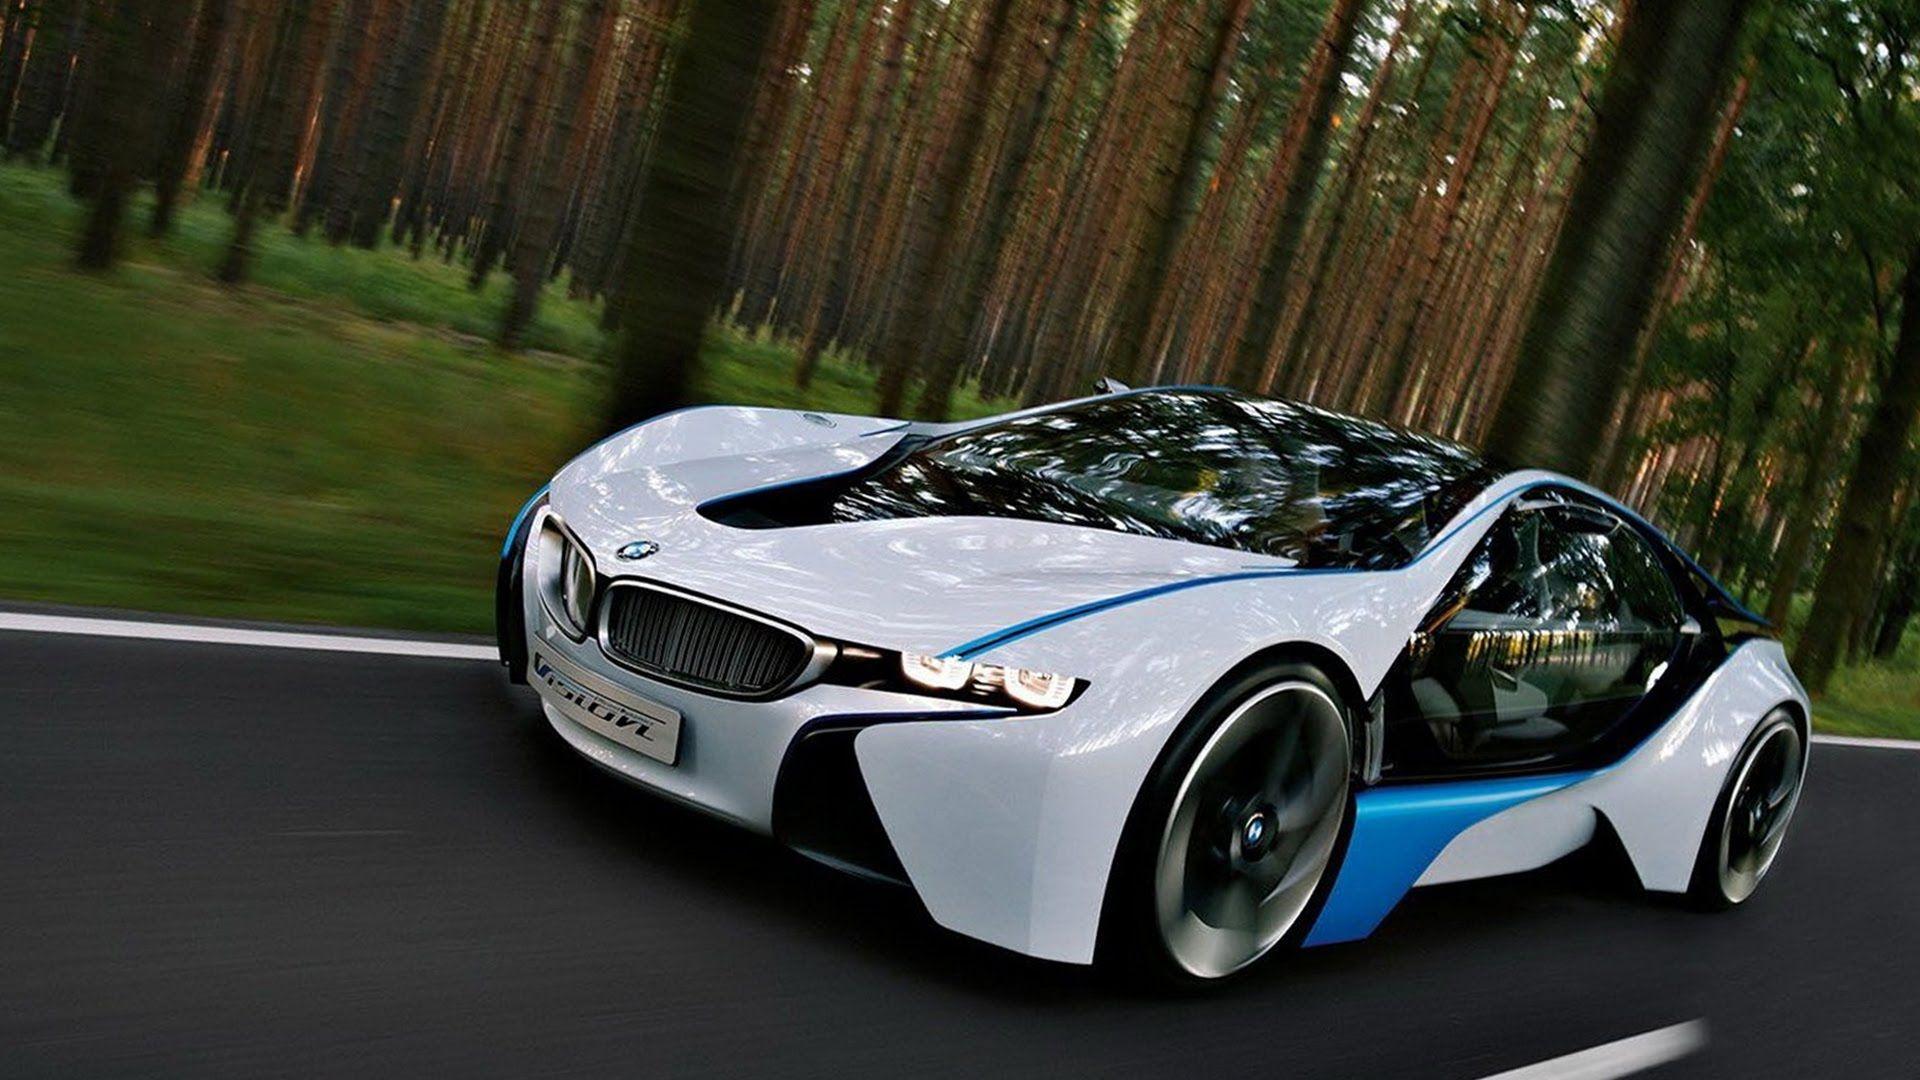 https://podio.com | Bmw i8, Bmw, Dream cars